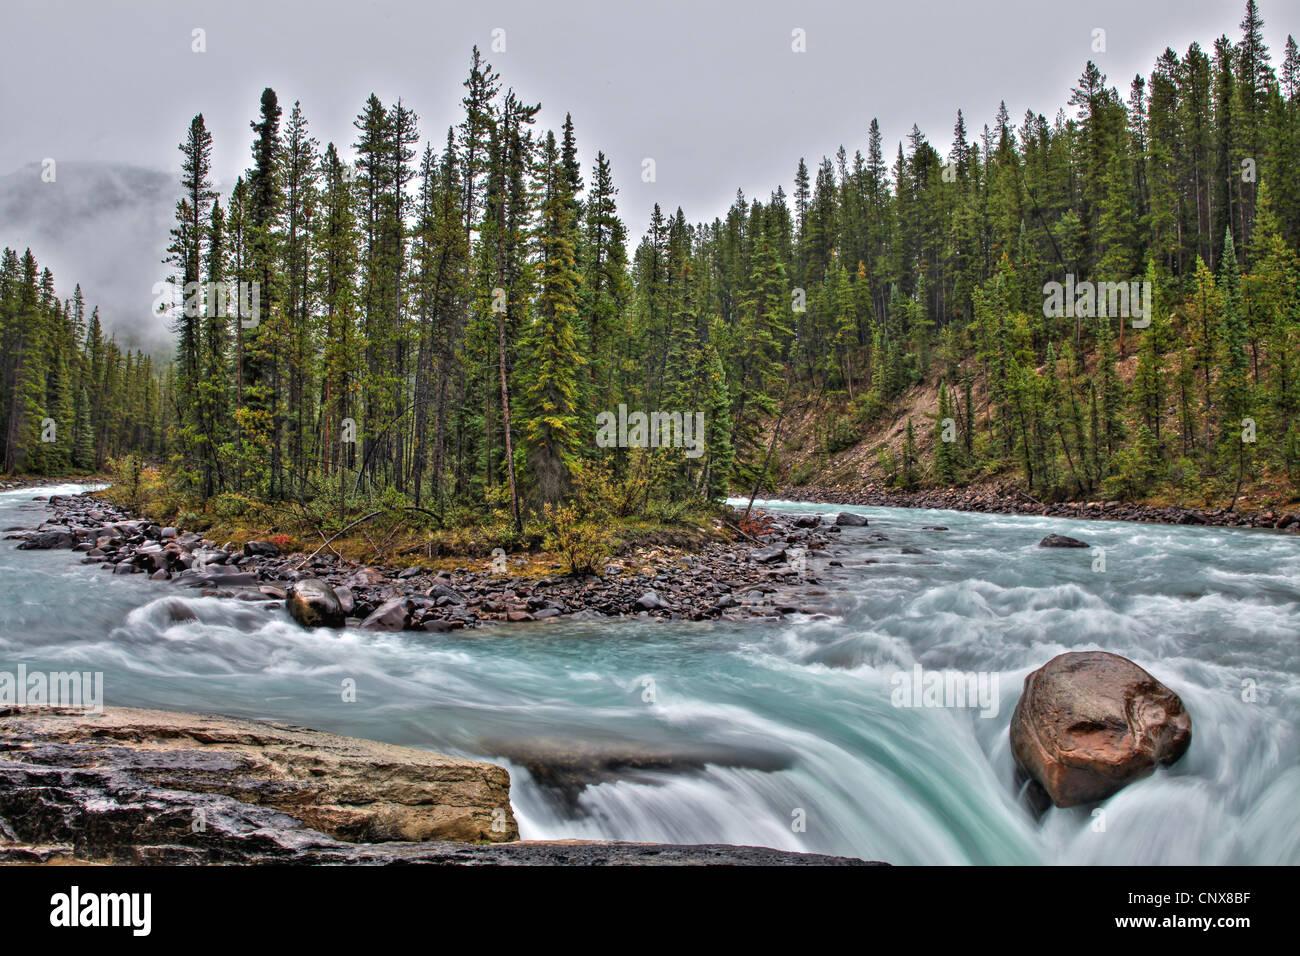 Sunwapta Falls, Canada, Alberta, Jasper National Park, Sunwapta falls Stock Photo